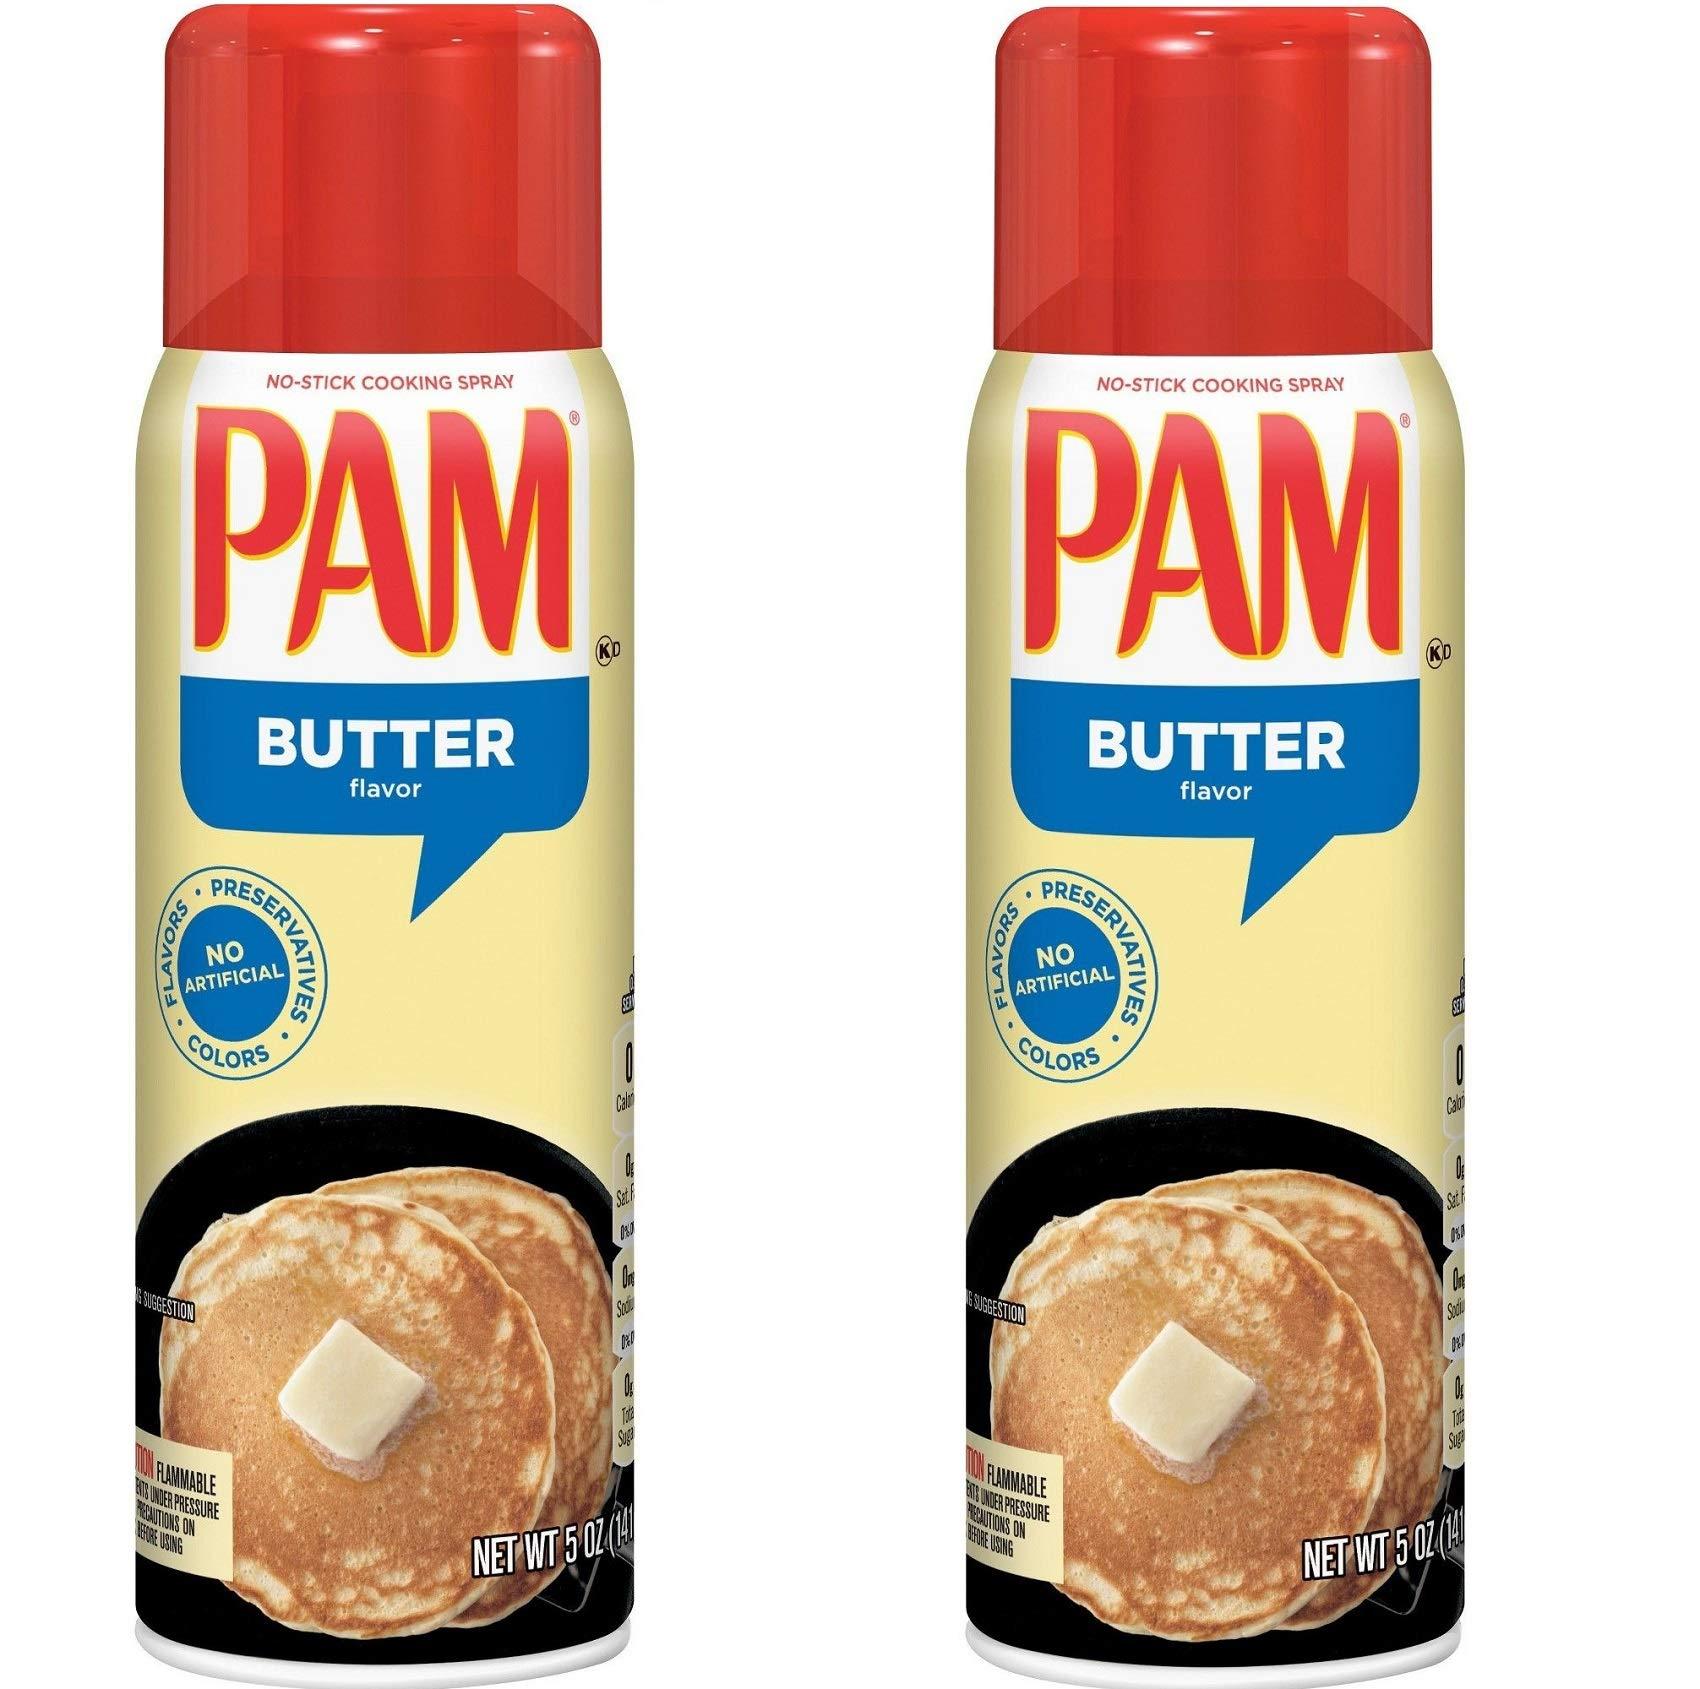 Pam Butter Flavor Cooking Spray - 5 oz - 2 pk